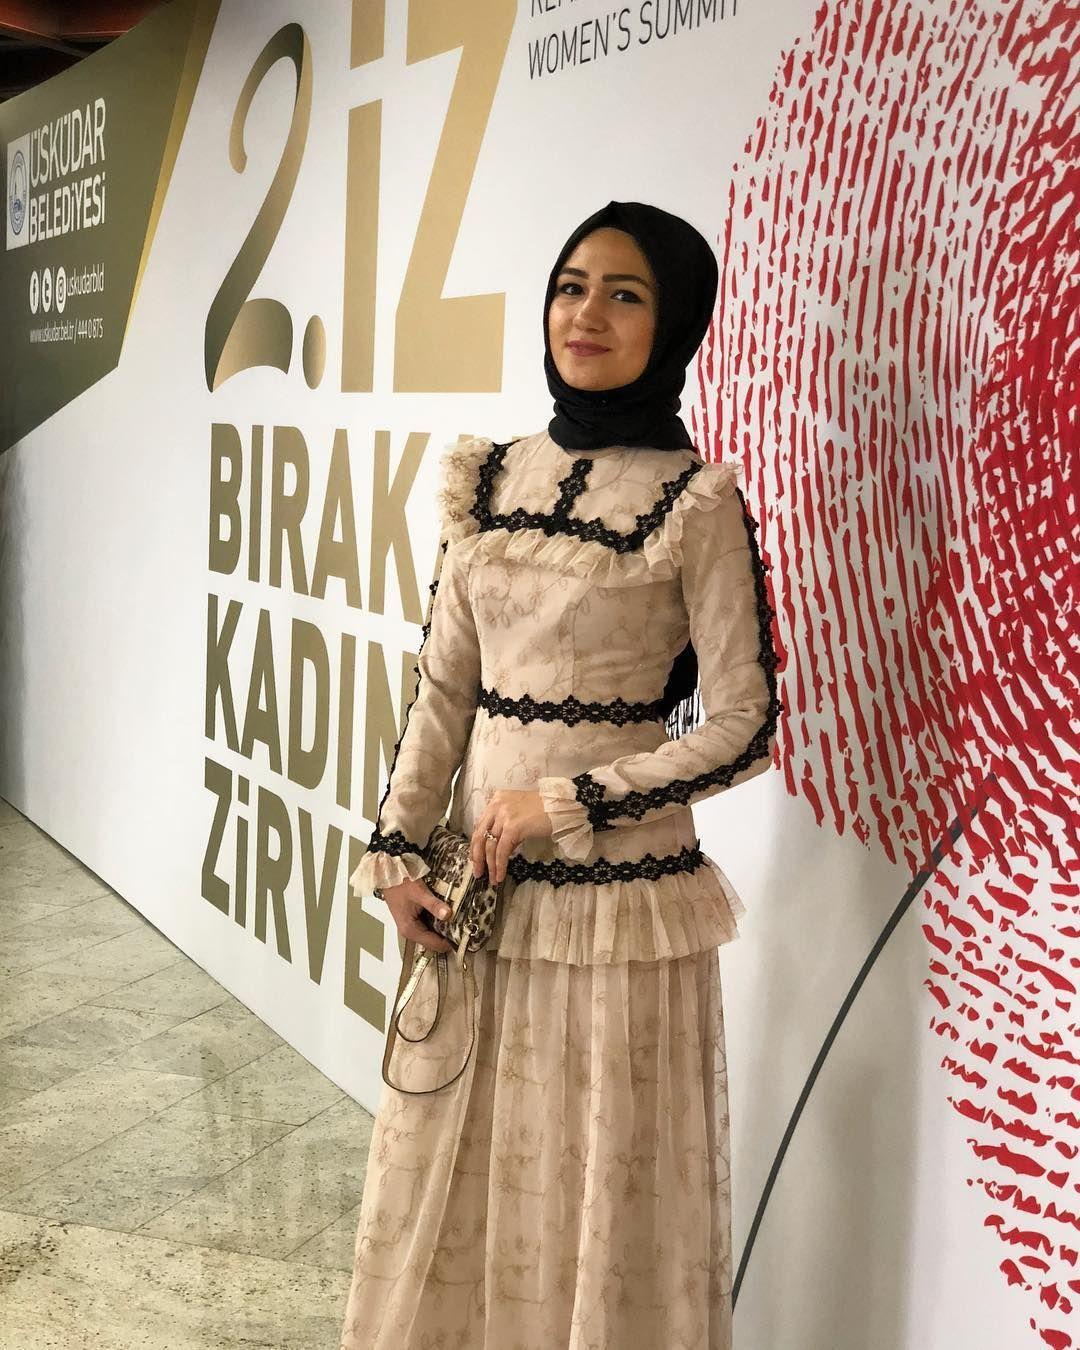 Merhaba Yeni Gn Geen Haftann En Sevilen Elbisesi Tendencies Kaos Always 420 Putih M